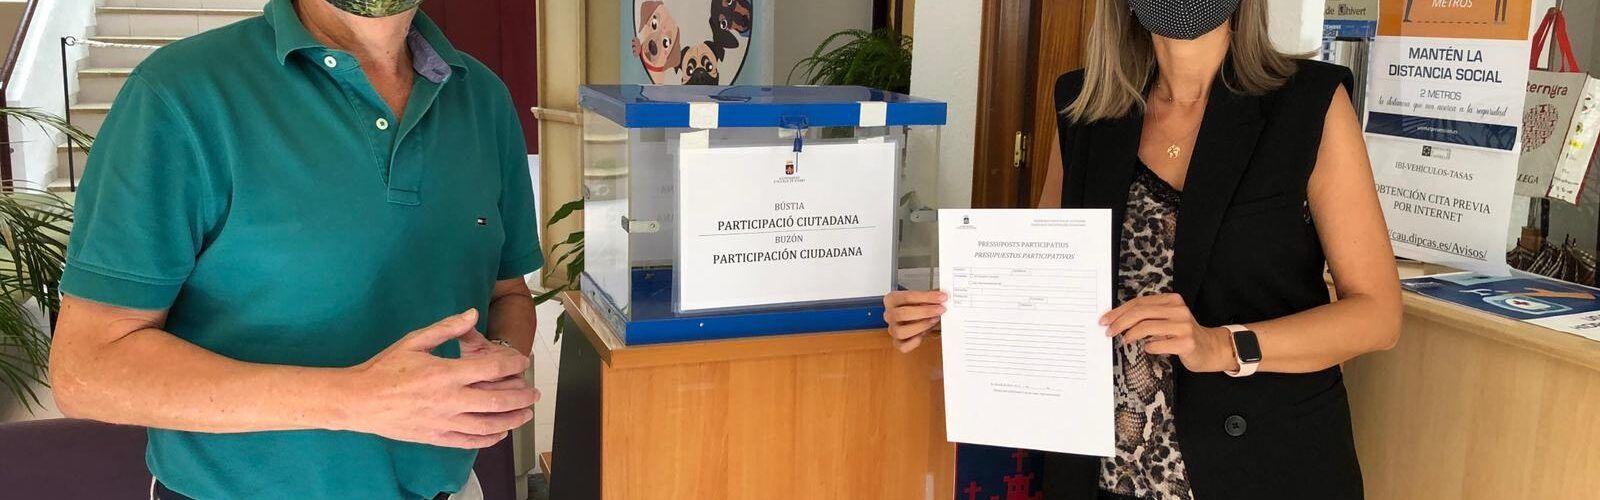 L'Ajuntament d'Alcalà-Alcossebrerecull les propostes ciutadanes en els pressupostos participatius 2021